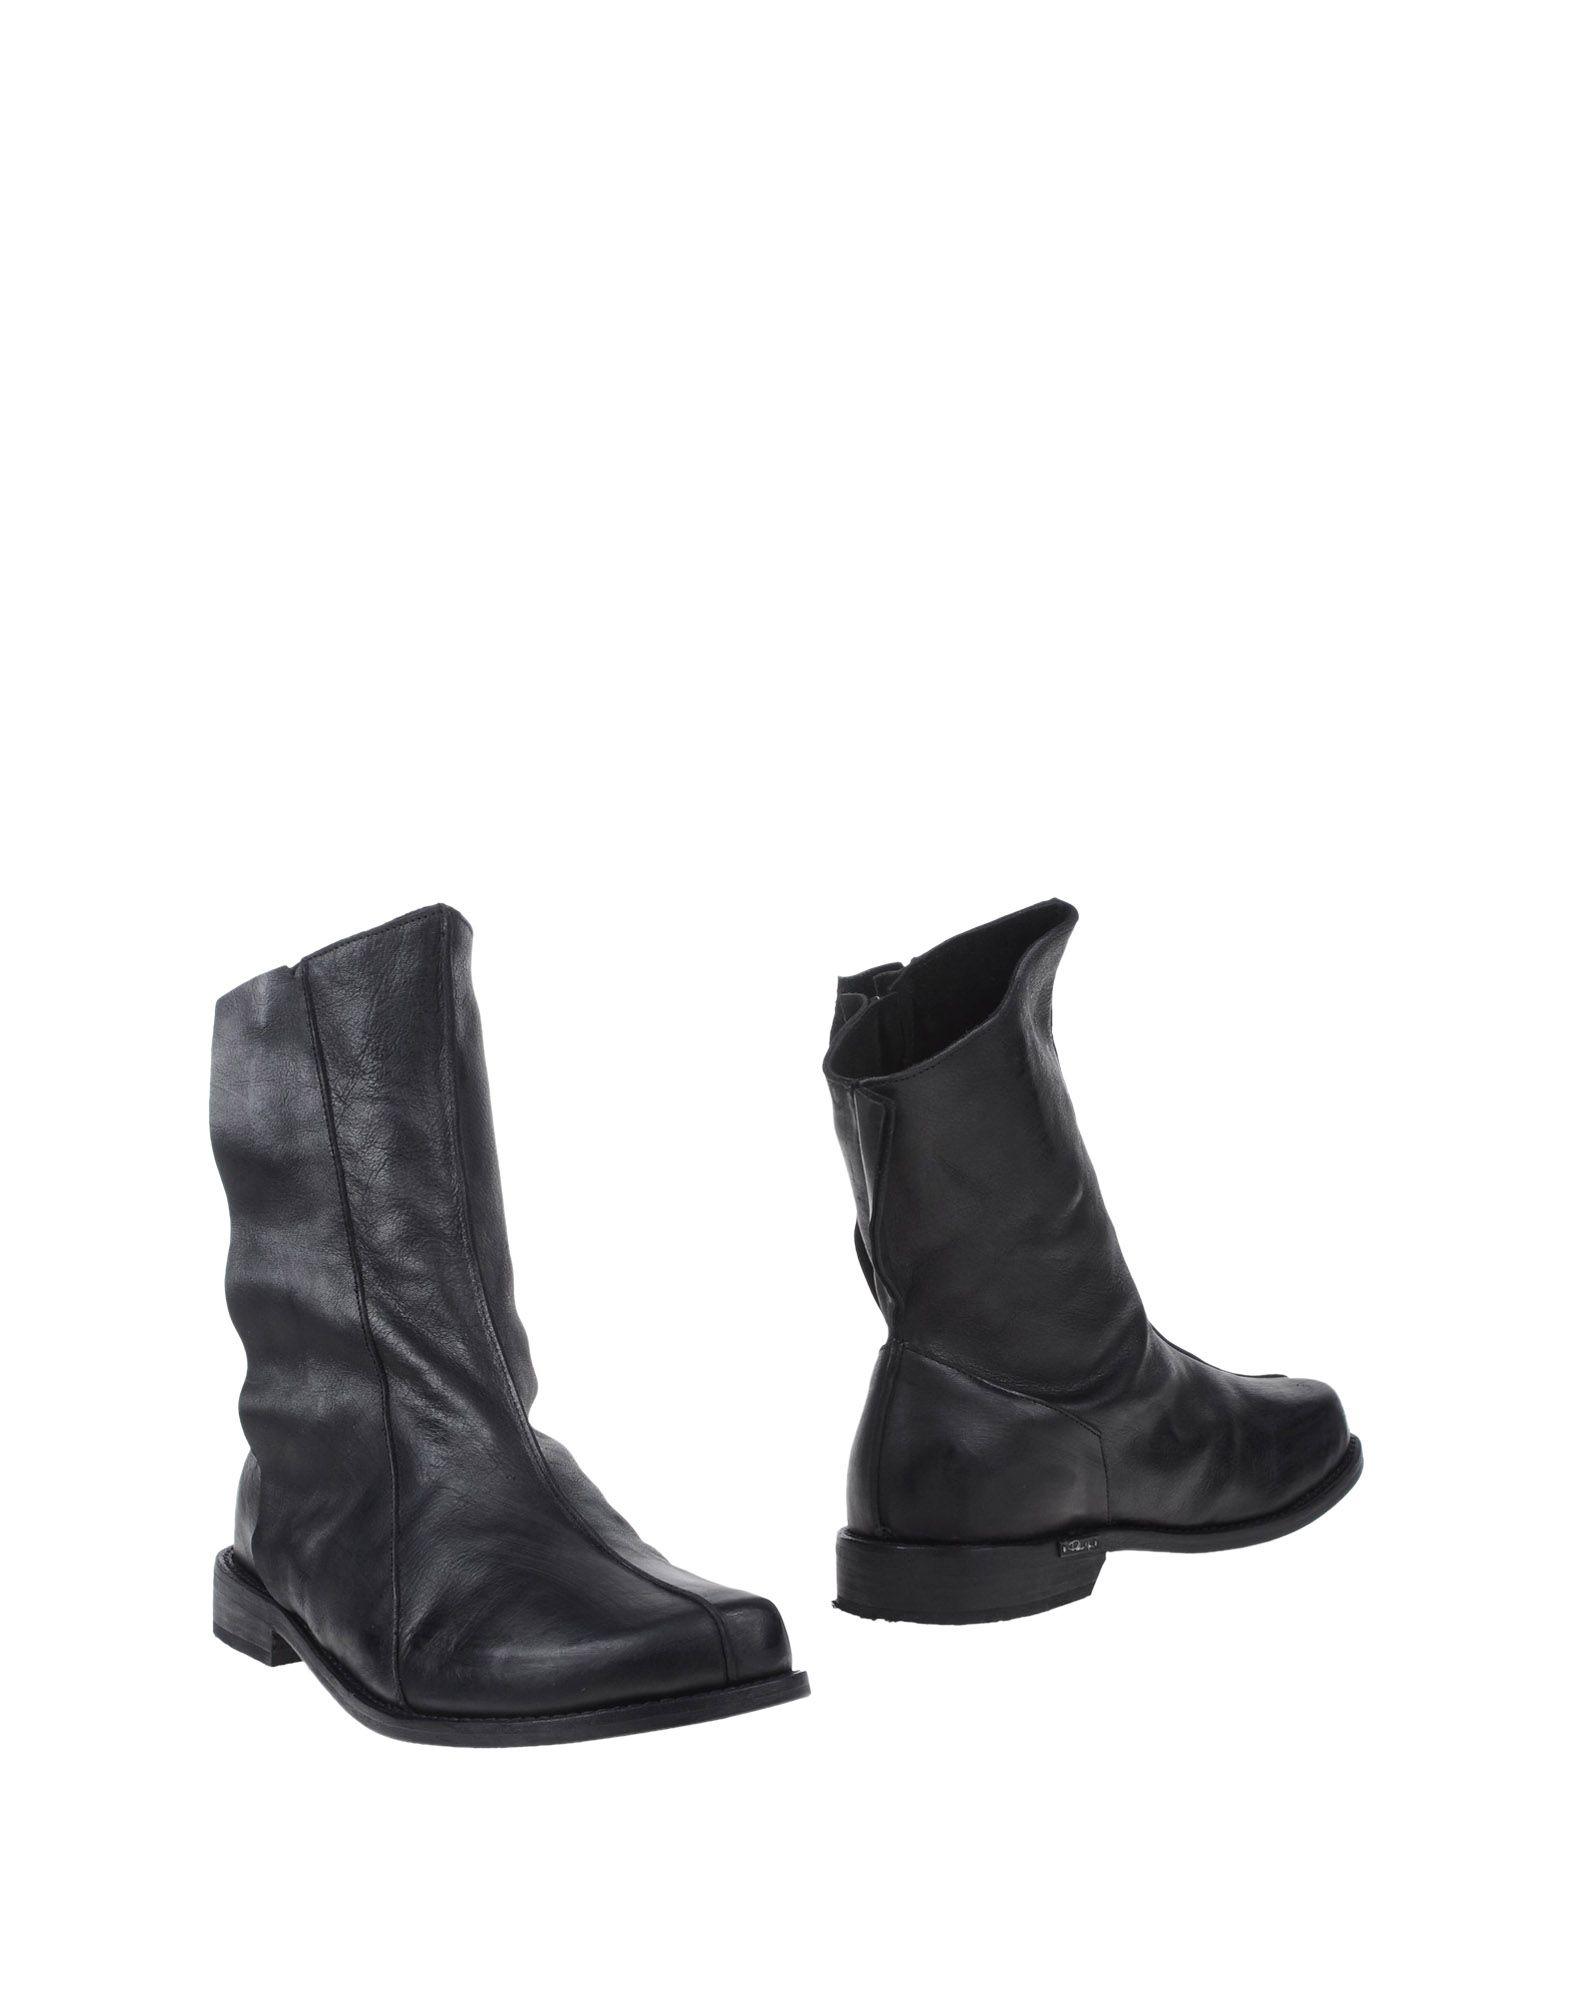 Peter Non Stiefelette Herren  44997323XO Gute Qualität beliebte Schuhe